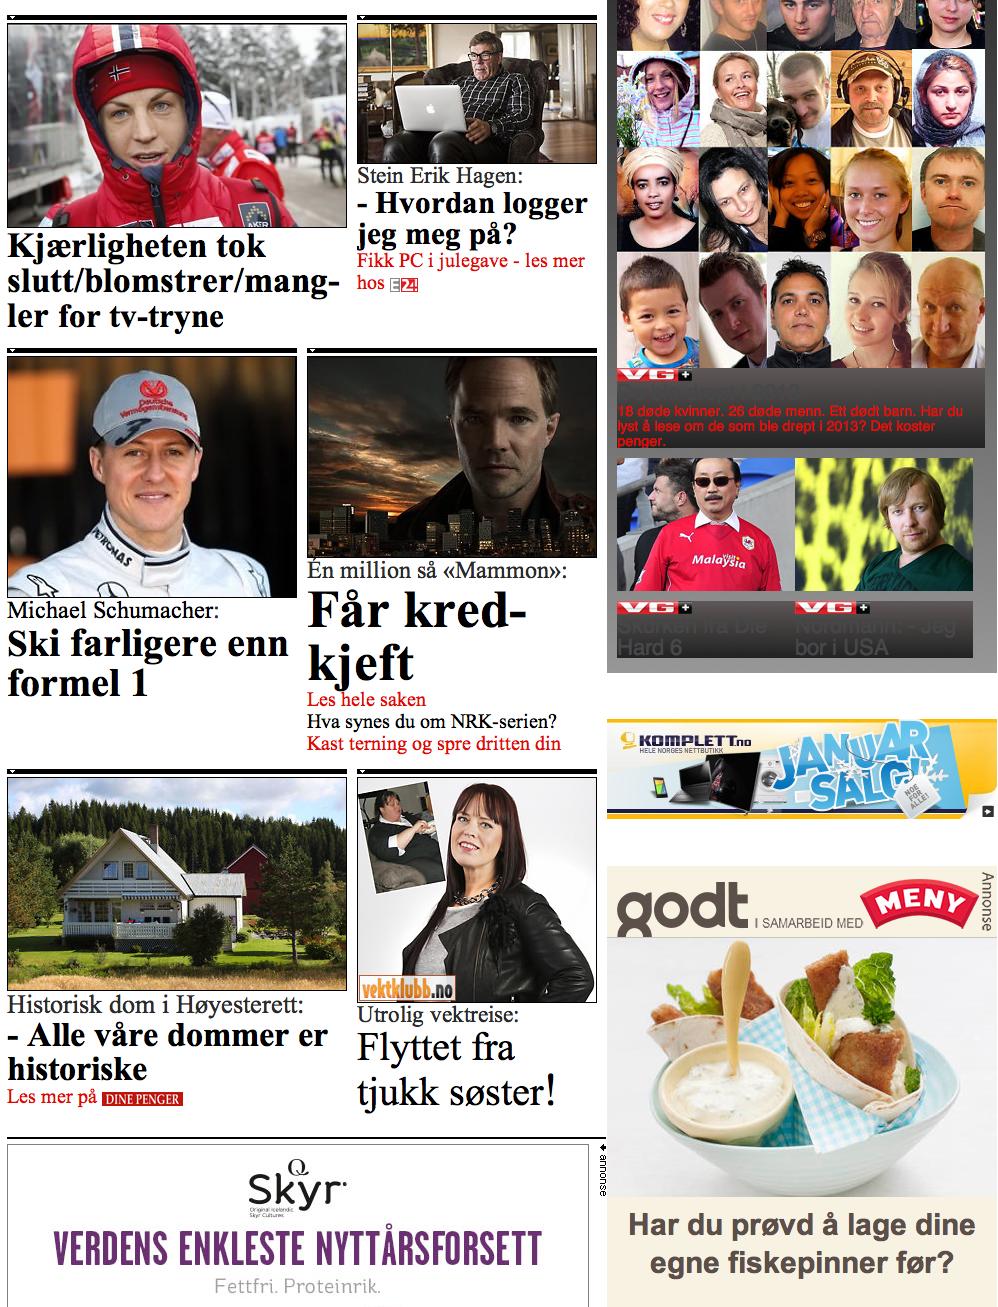 Skjermbilde 2014-01-02 kl. 16.51.54